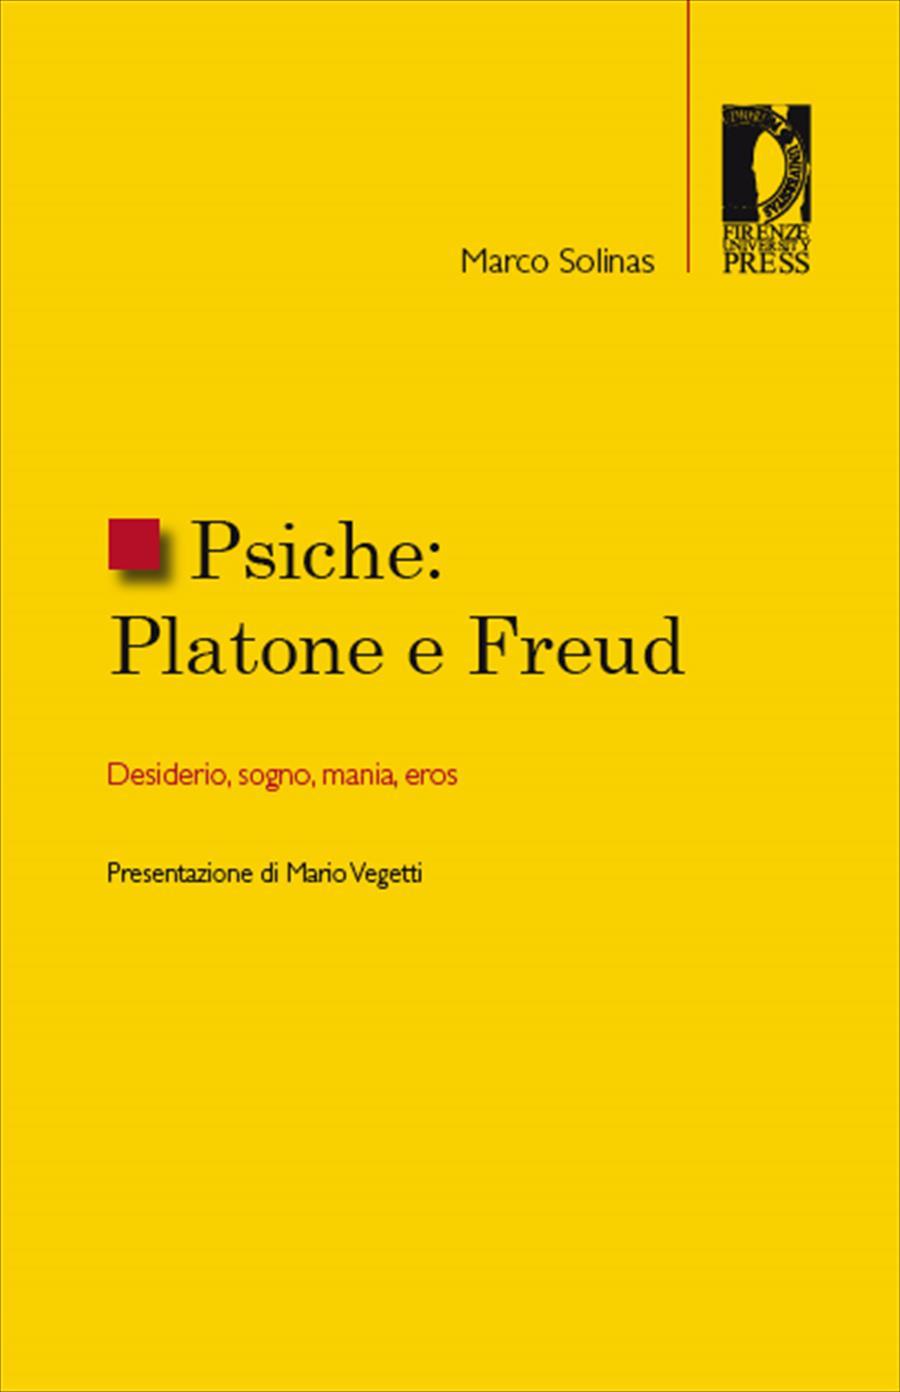 Psiche: Platone e Freud